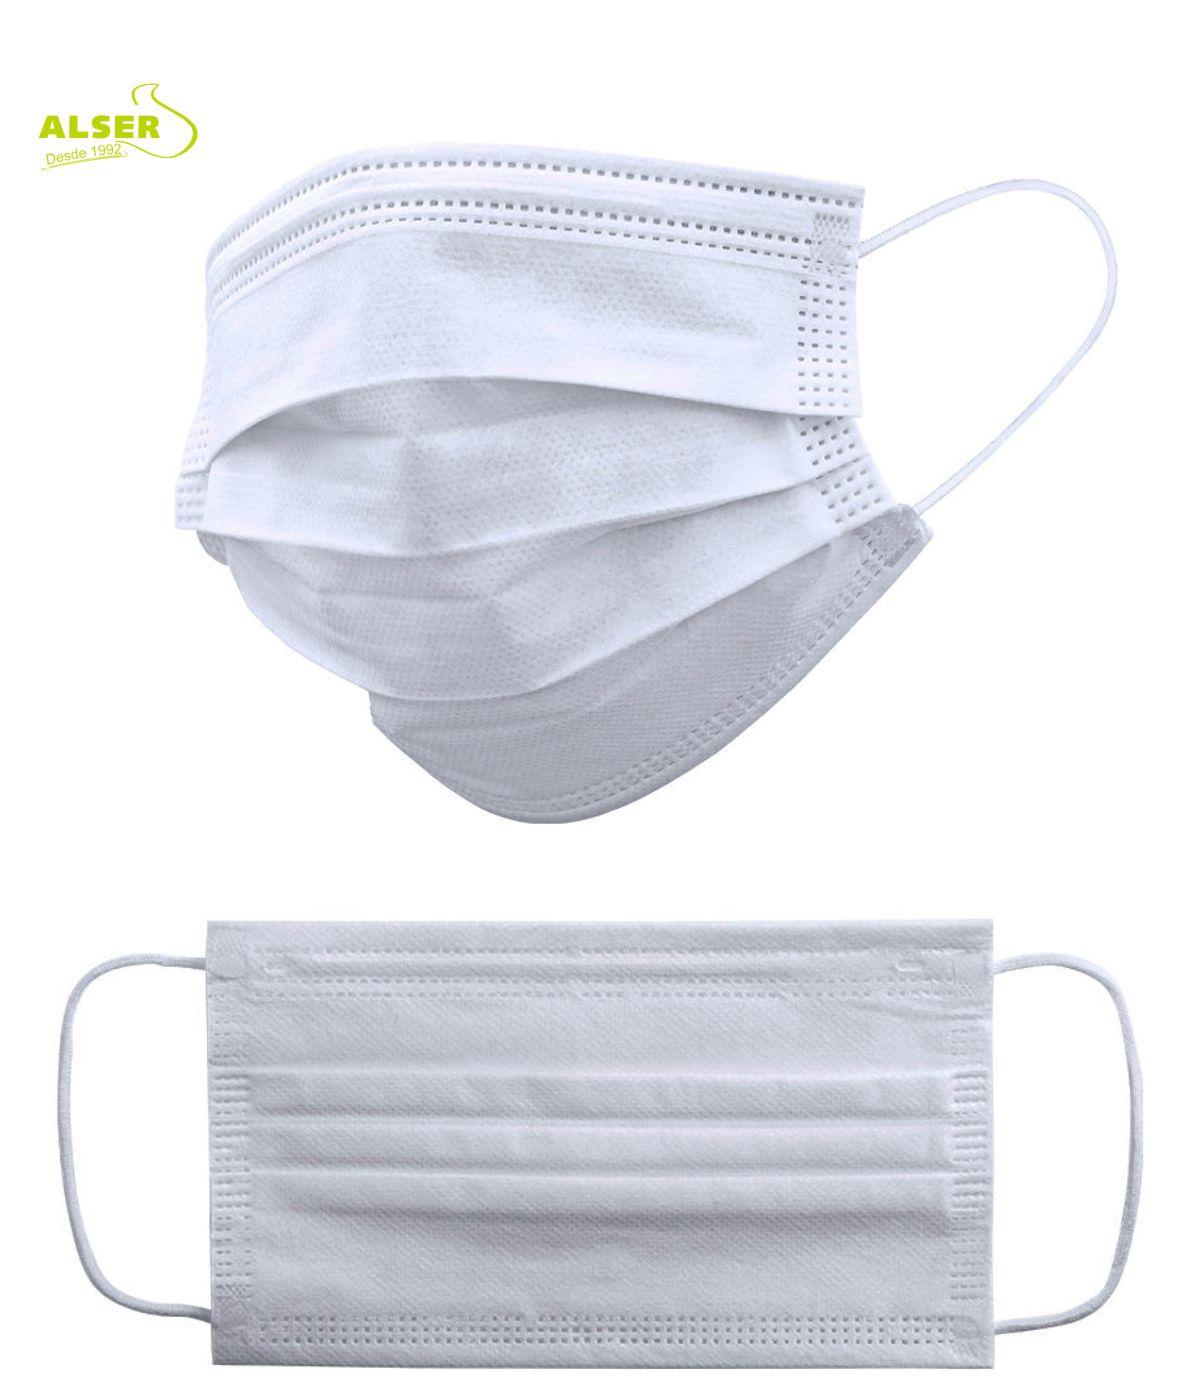 Mascarilla higienica para empresas y trabajadores